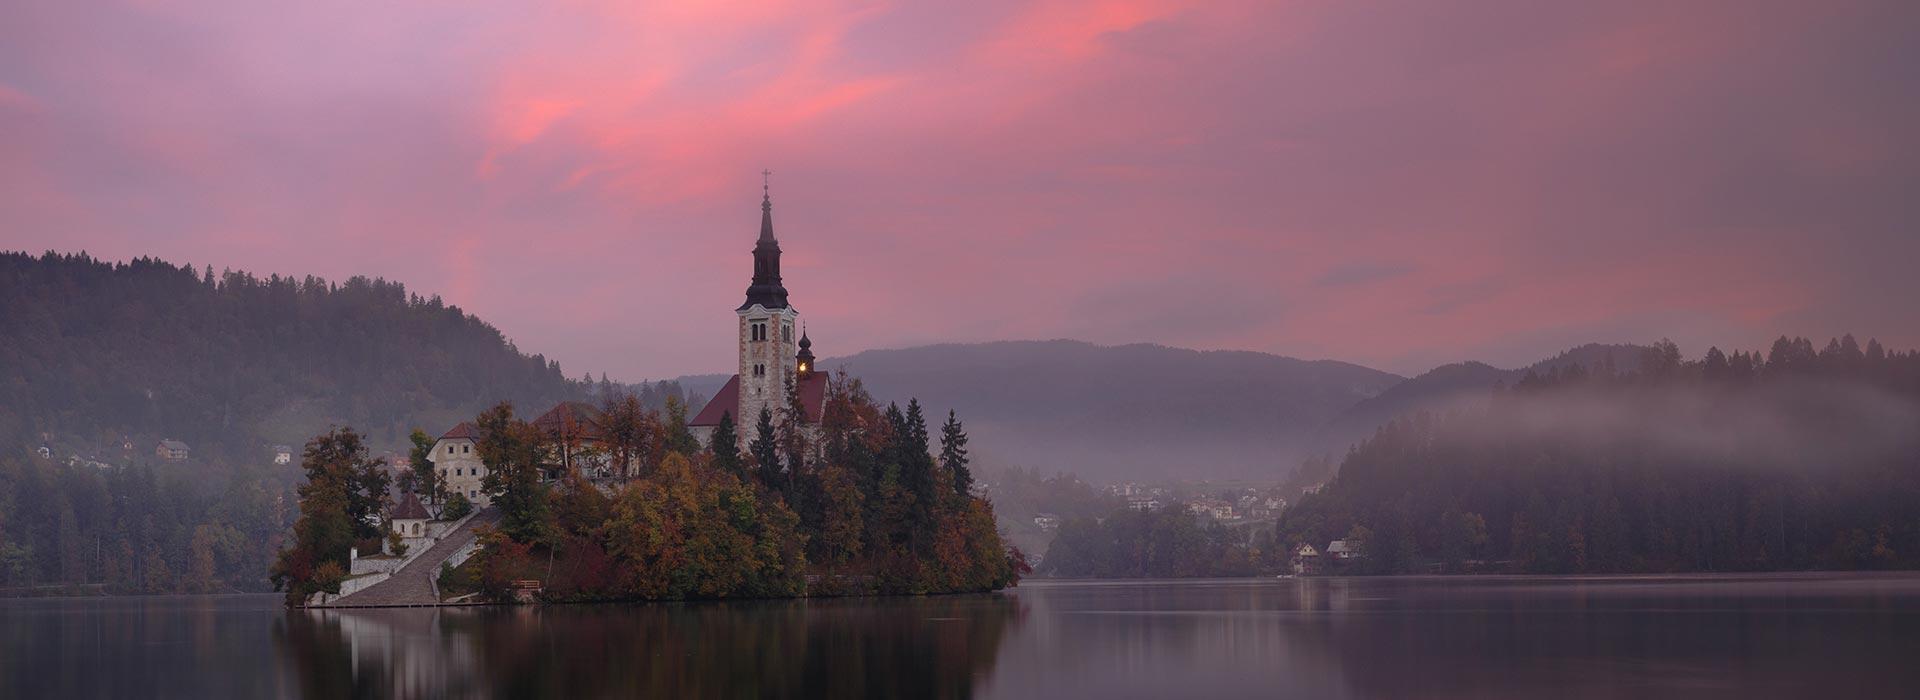 Slovenia Vacation